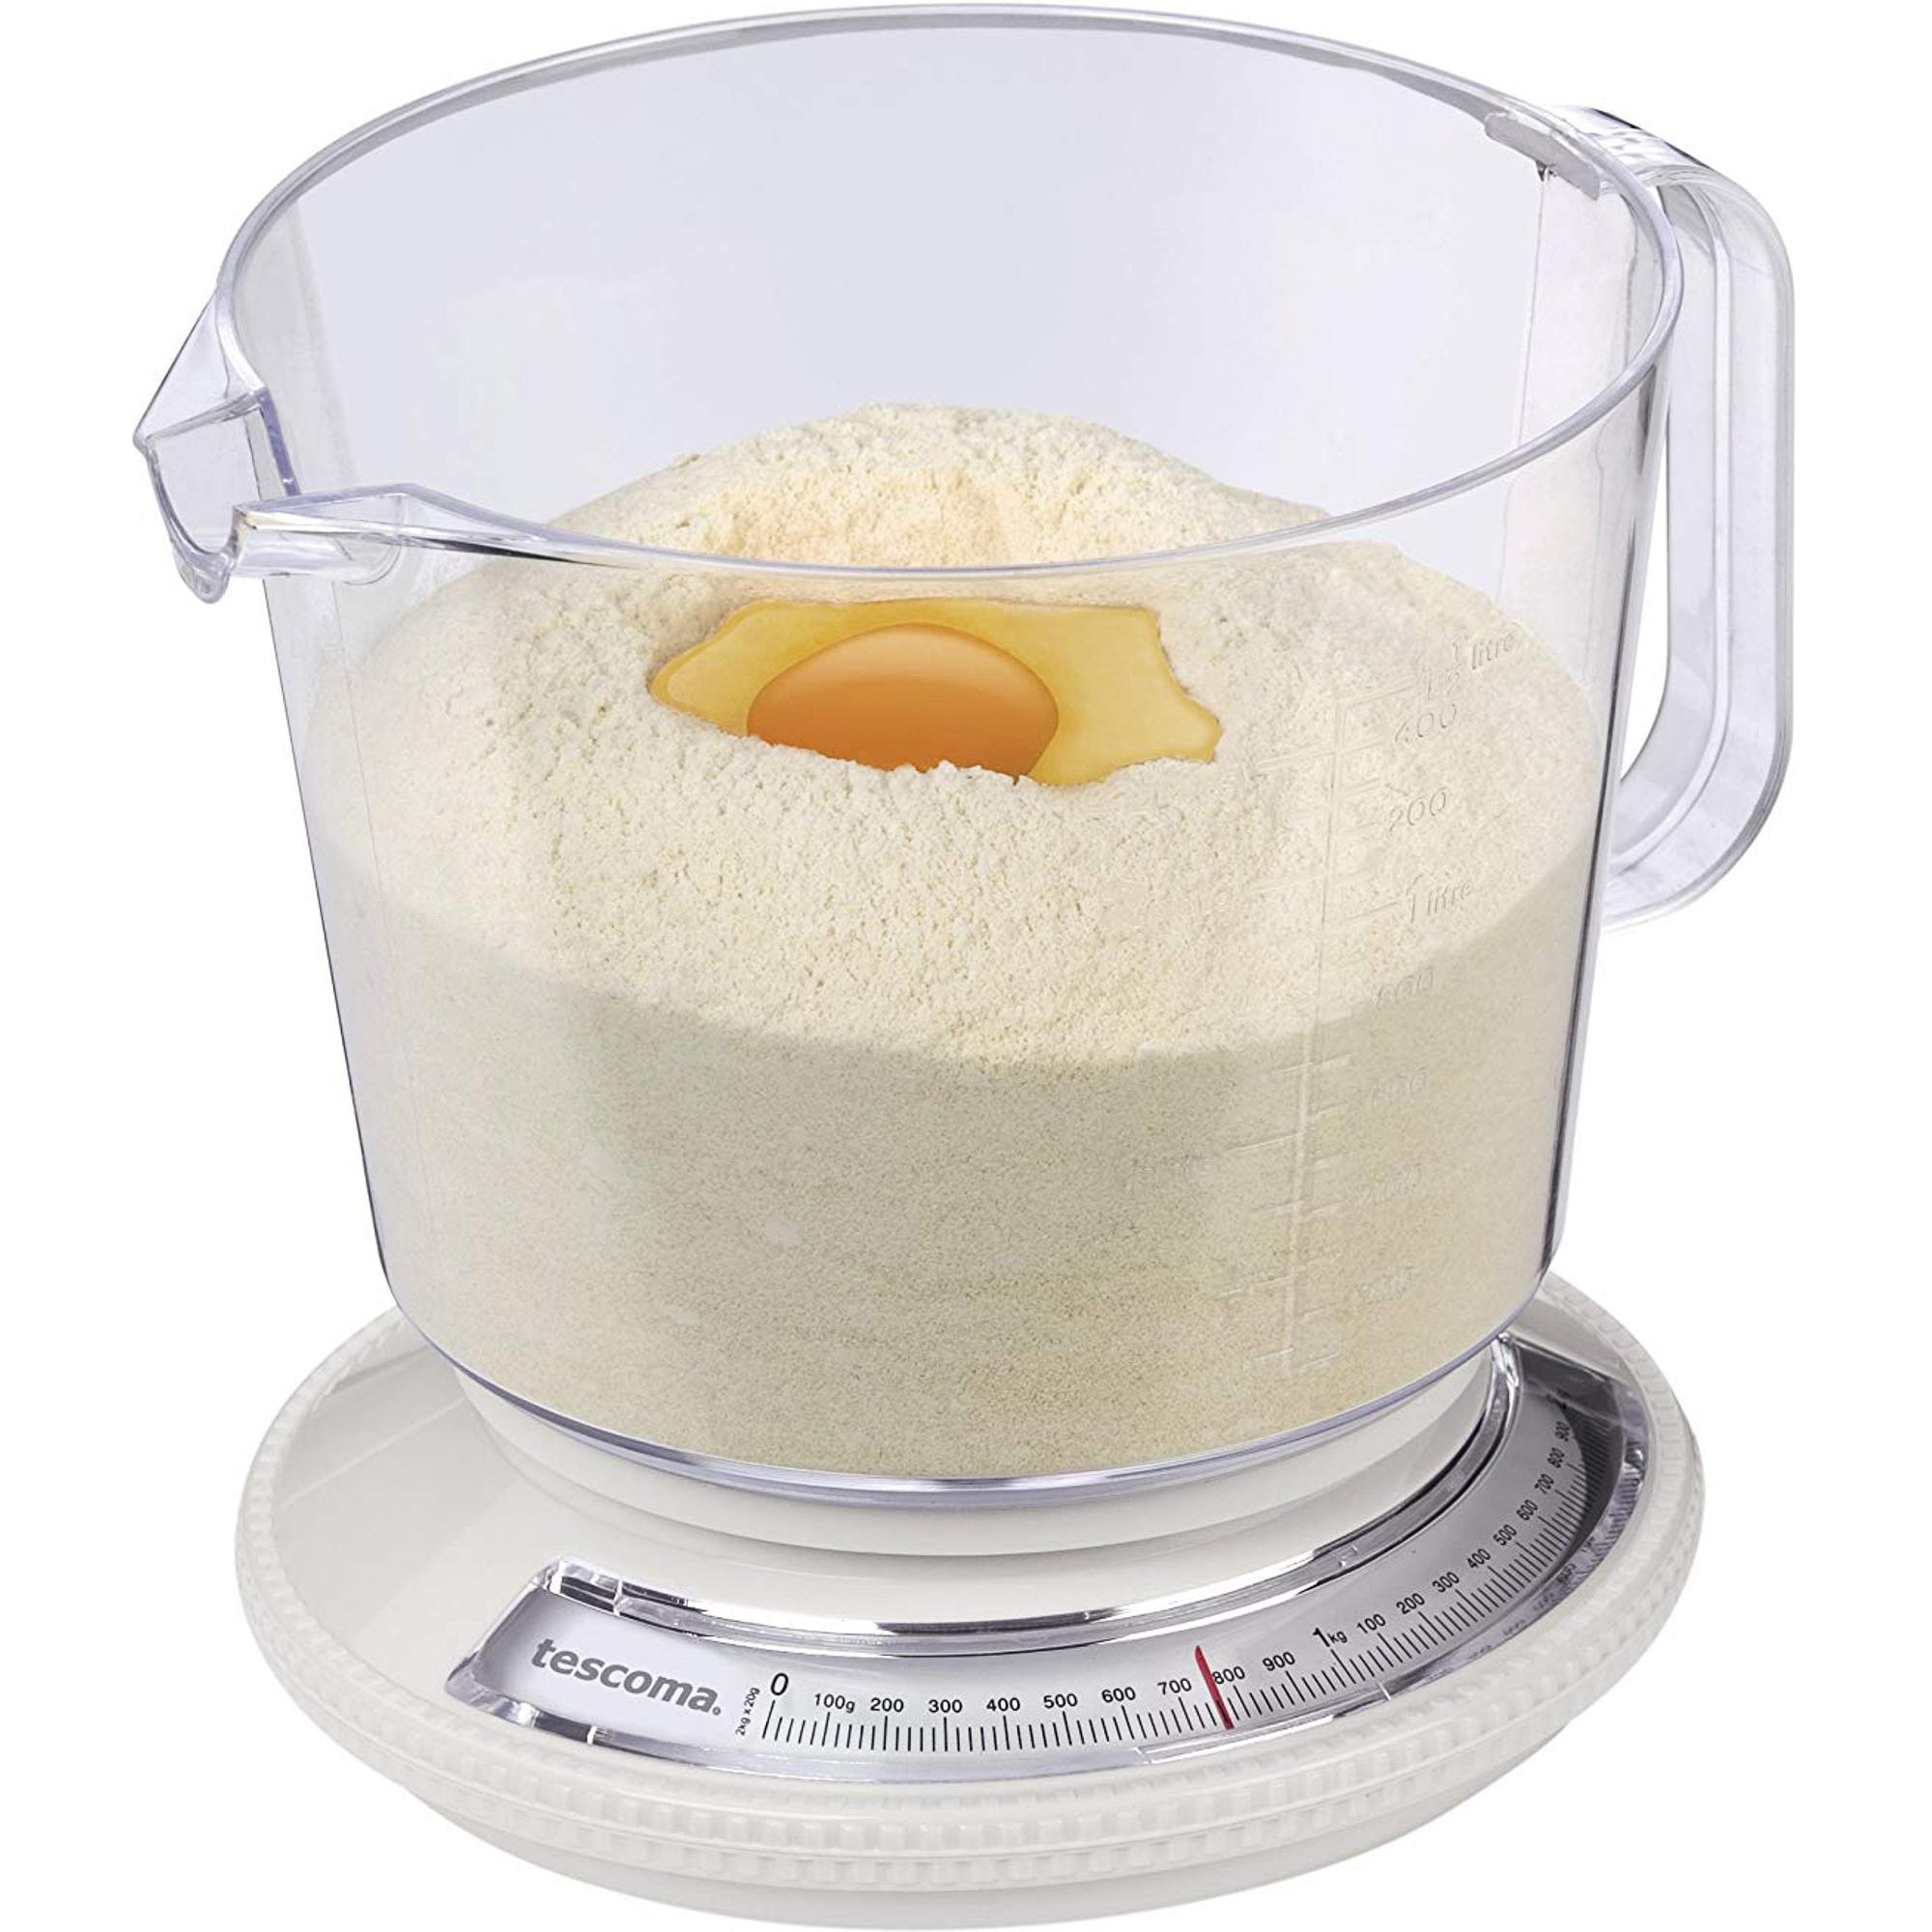 Купить Весы кухонные Tescoma Delicia 634560, Китай